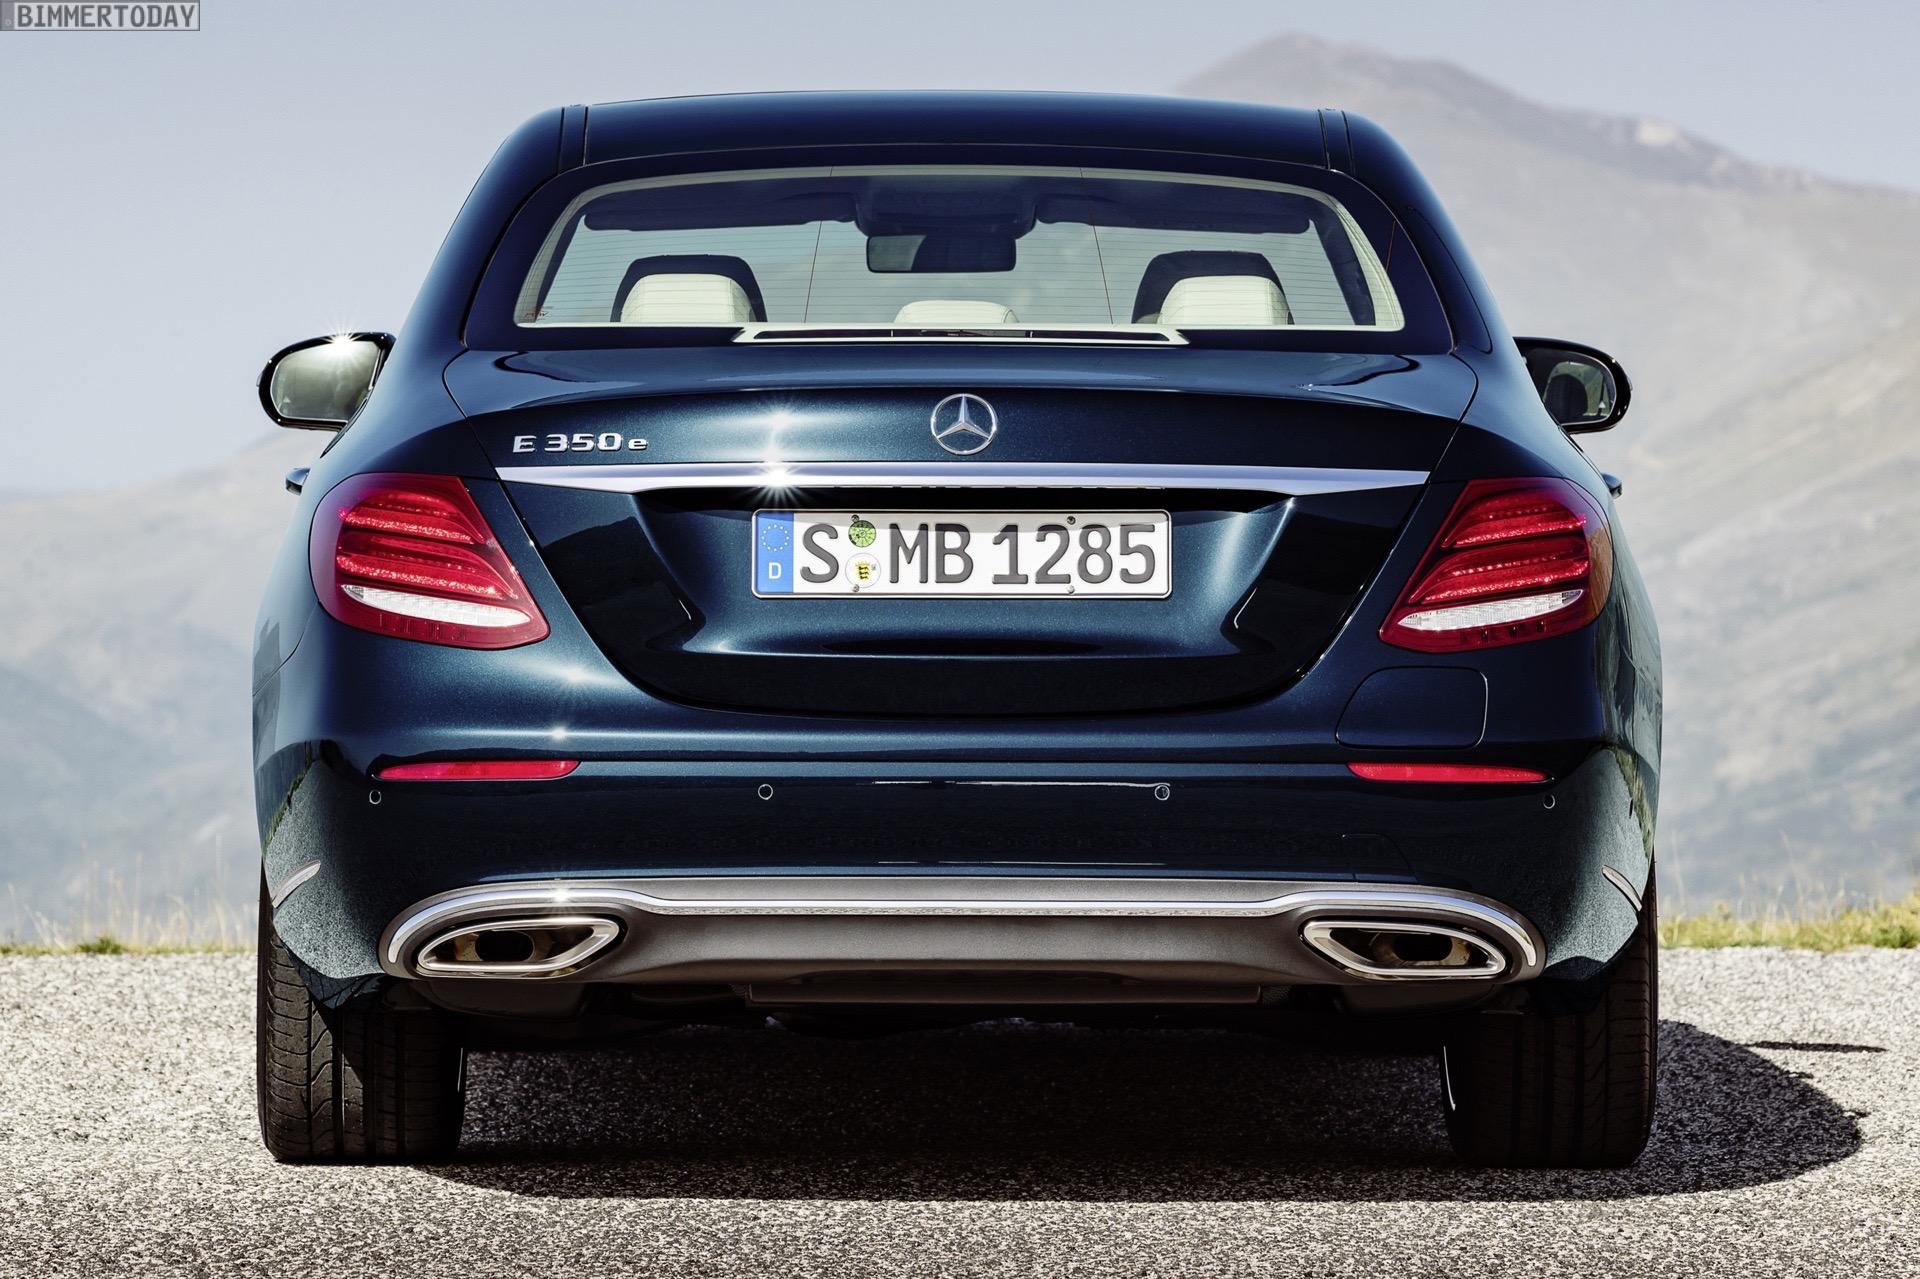 Mercedes Benz A Class >> Bimmertoday gallery